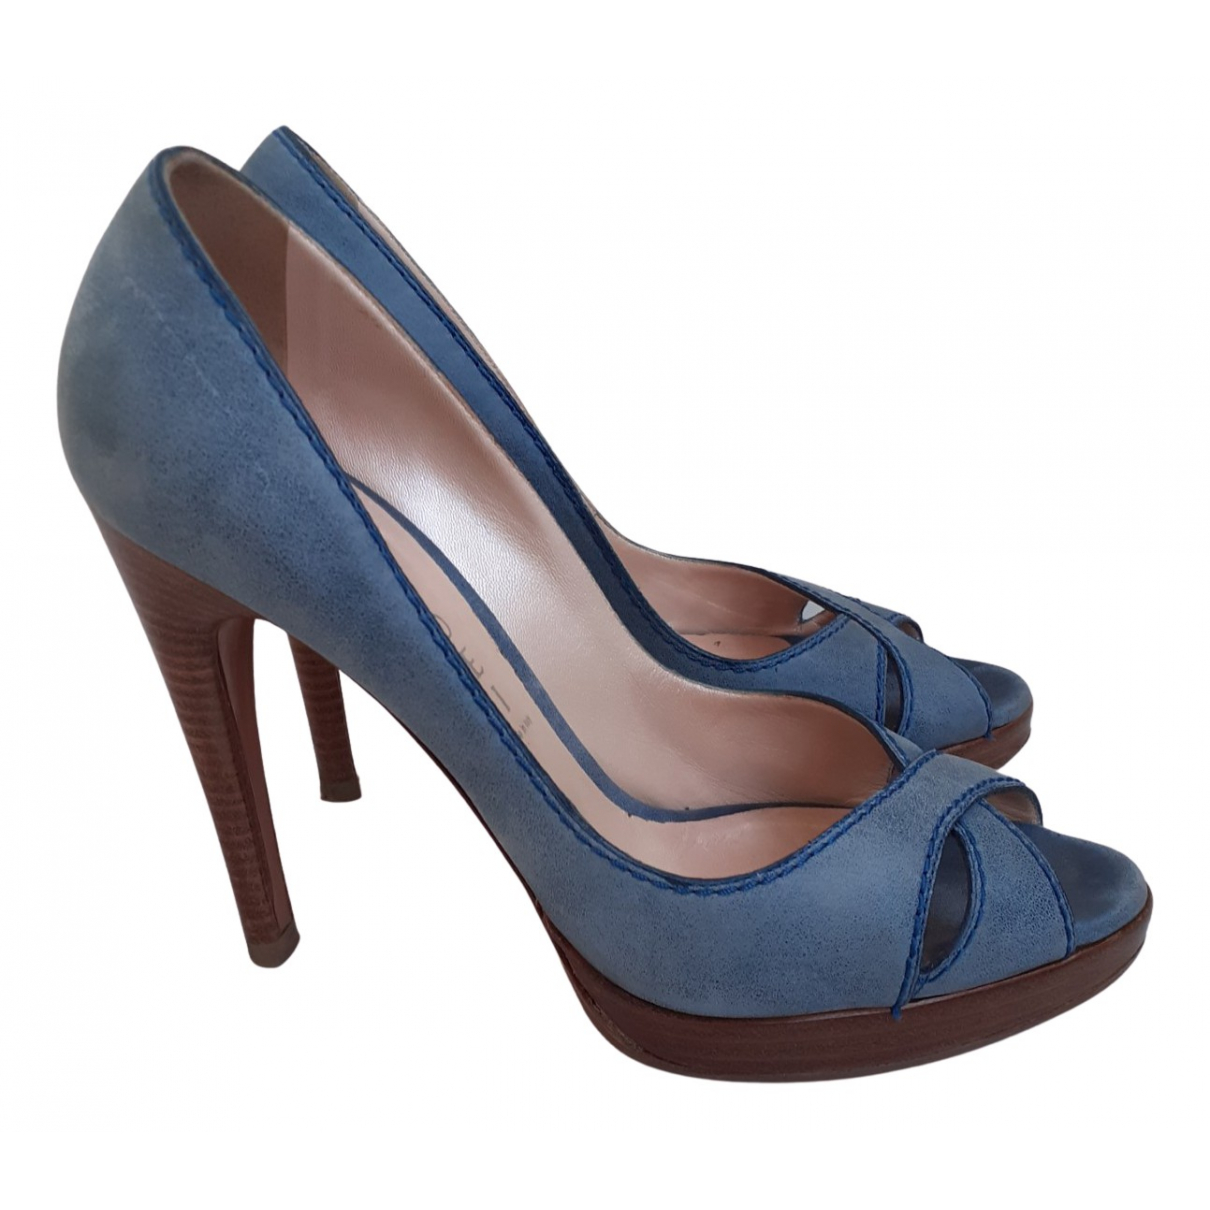 Casadei \N Pumps in  Blau Veloursleder